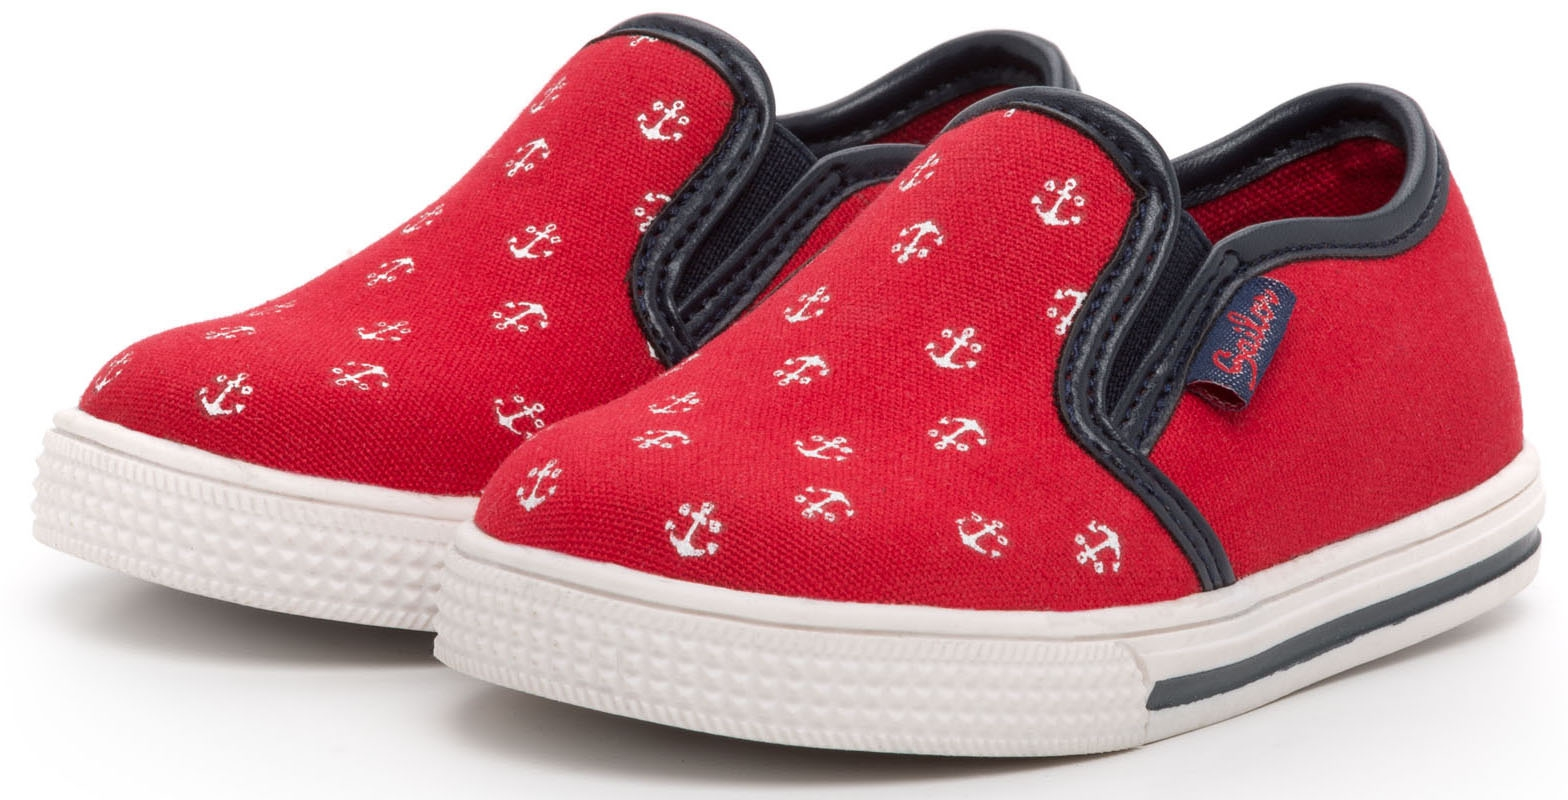 Кроссовки и кеды Barkito Полуботинки для мальчика Barkito, красные